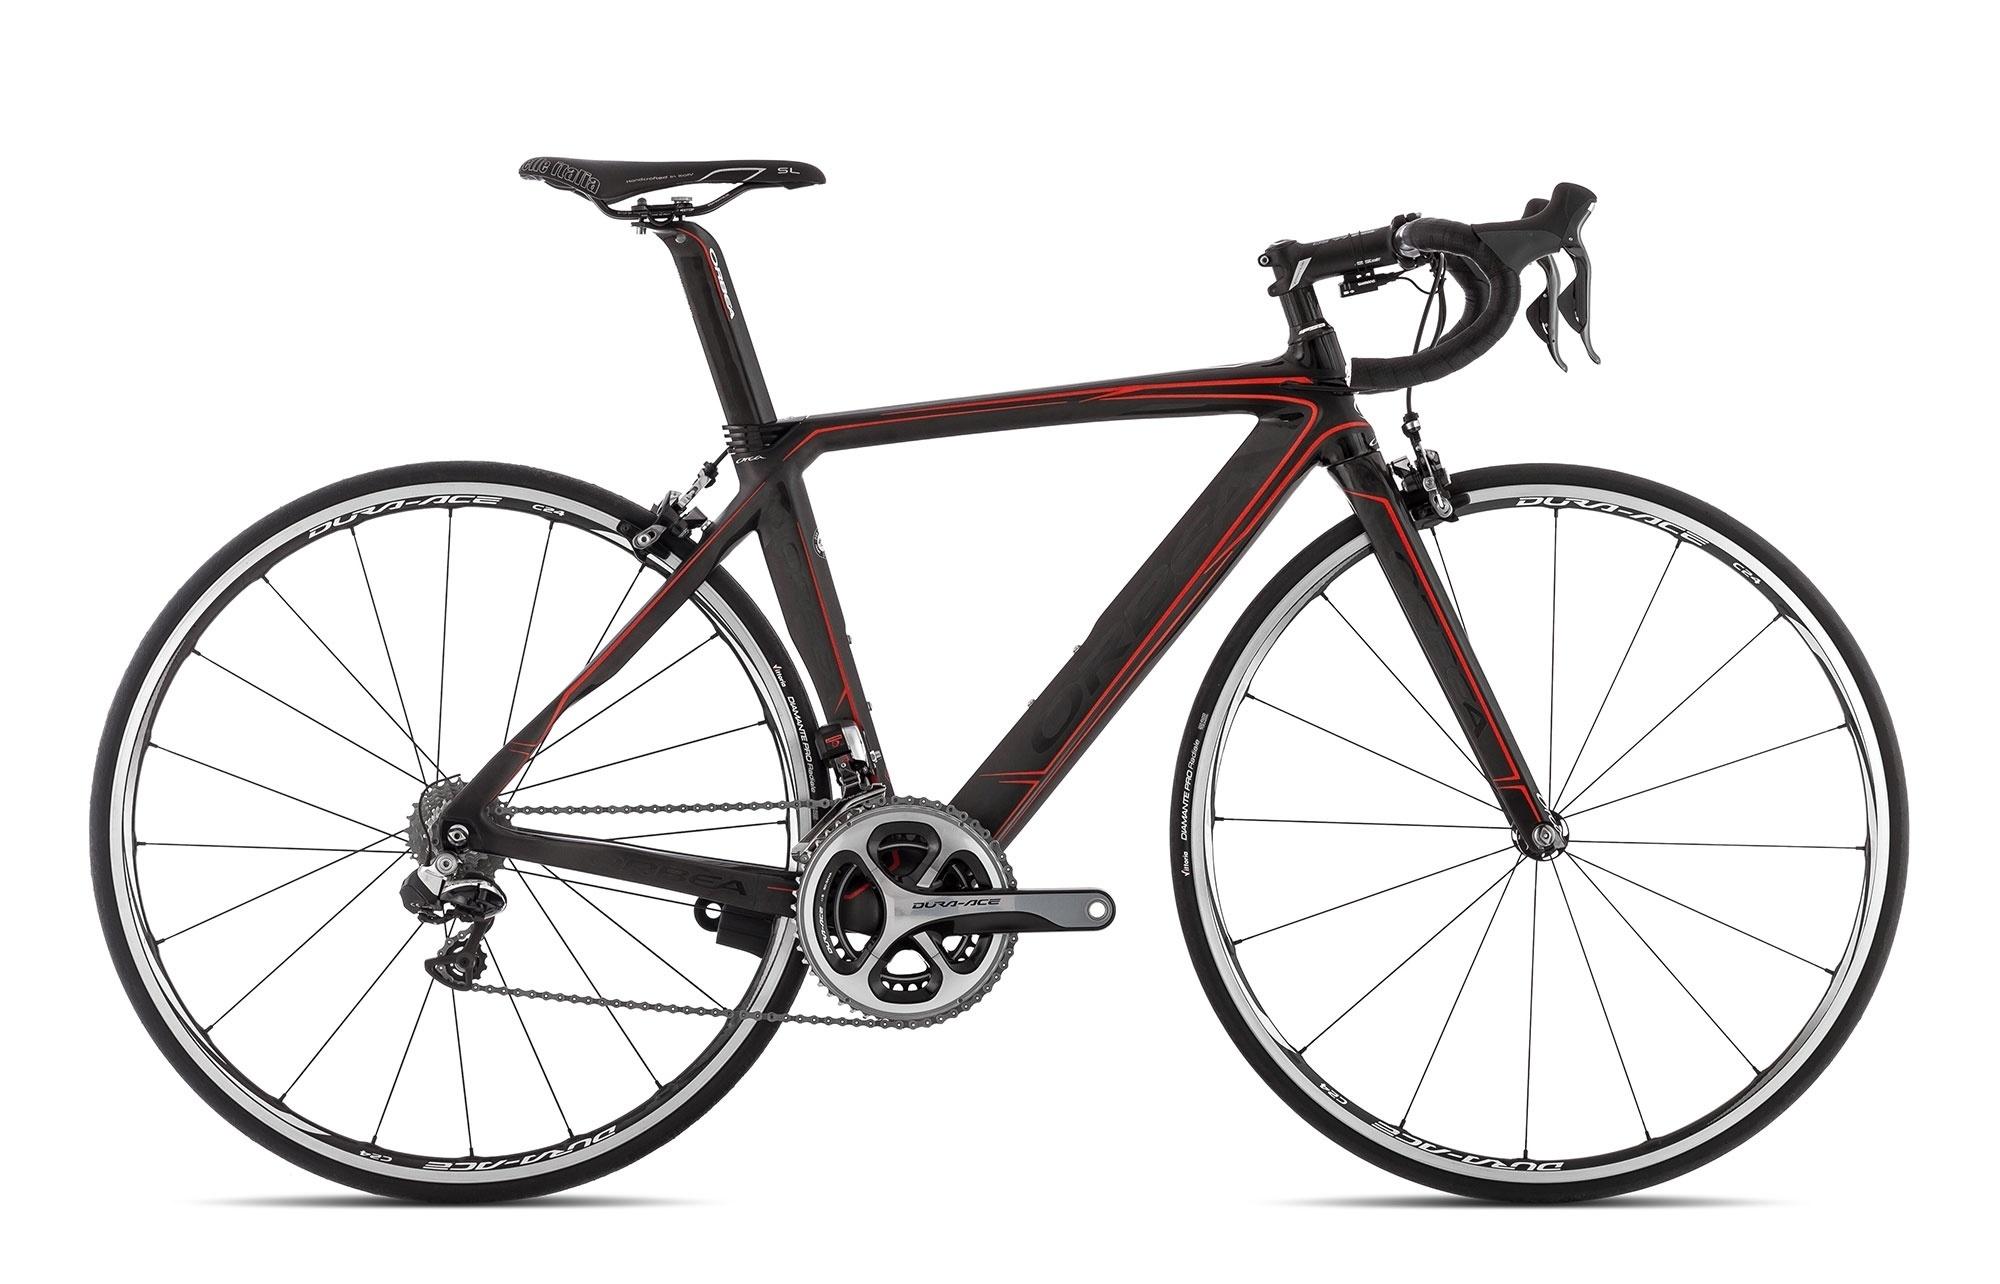 Orbea Orca M11 Super Record Eps Bike